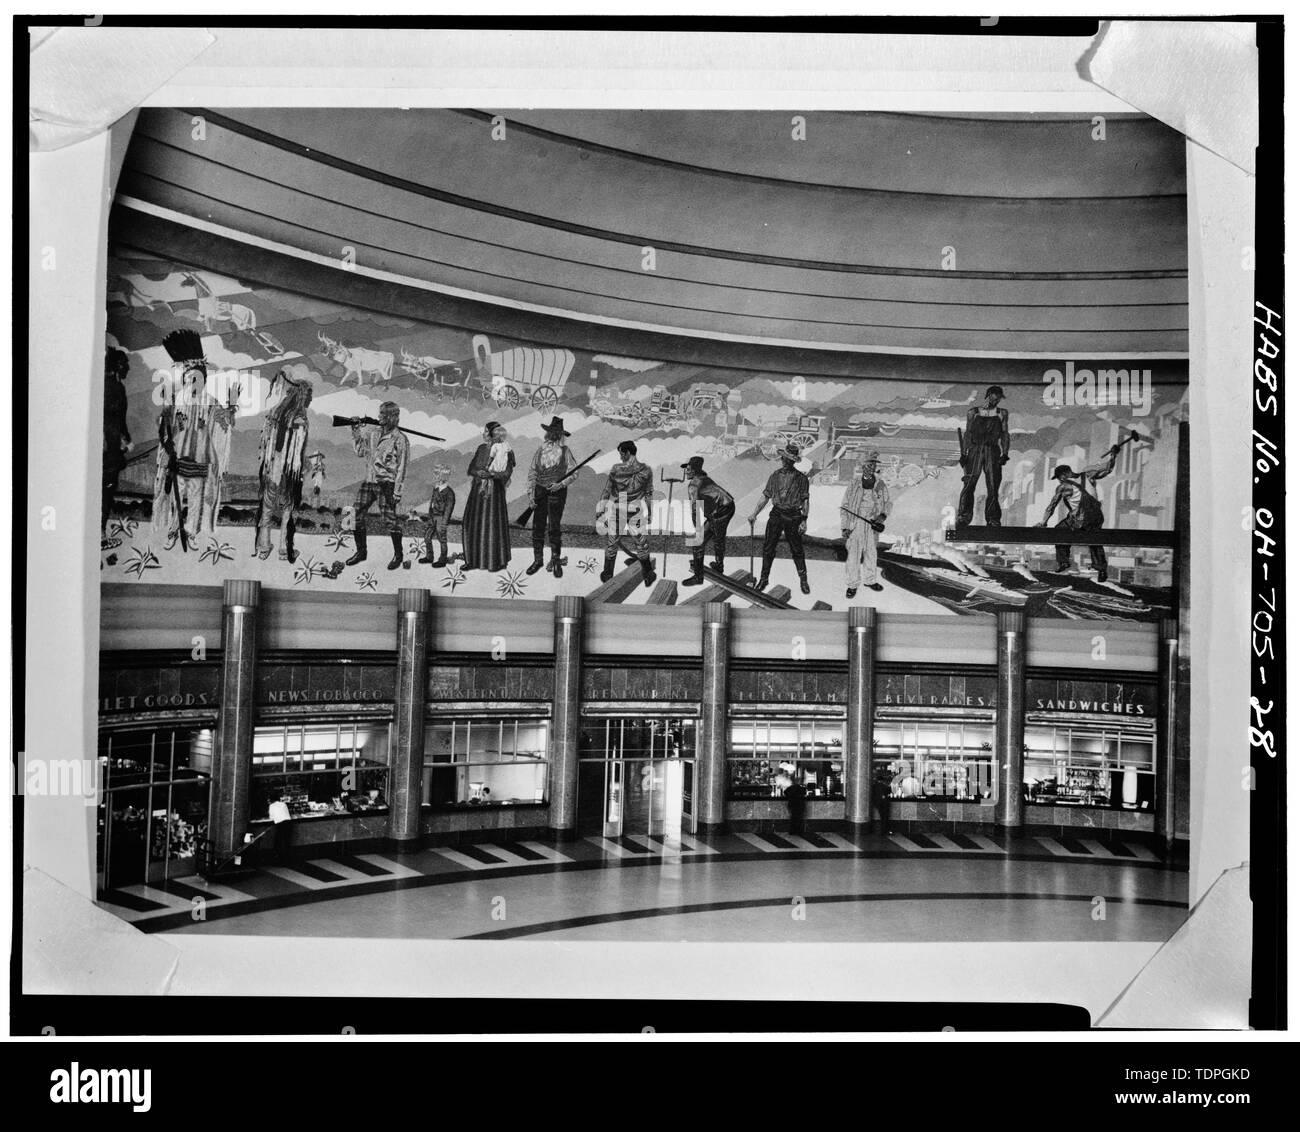 MURAL ON SOUTHWEST QUADRANT OF CONCOURSE, LOOKING WEST - Cincinnati Union Terminal, 1301 Western Avenue, Cincinnati, Hamilton County, OH Stock Photo